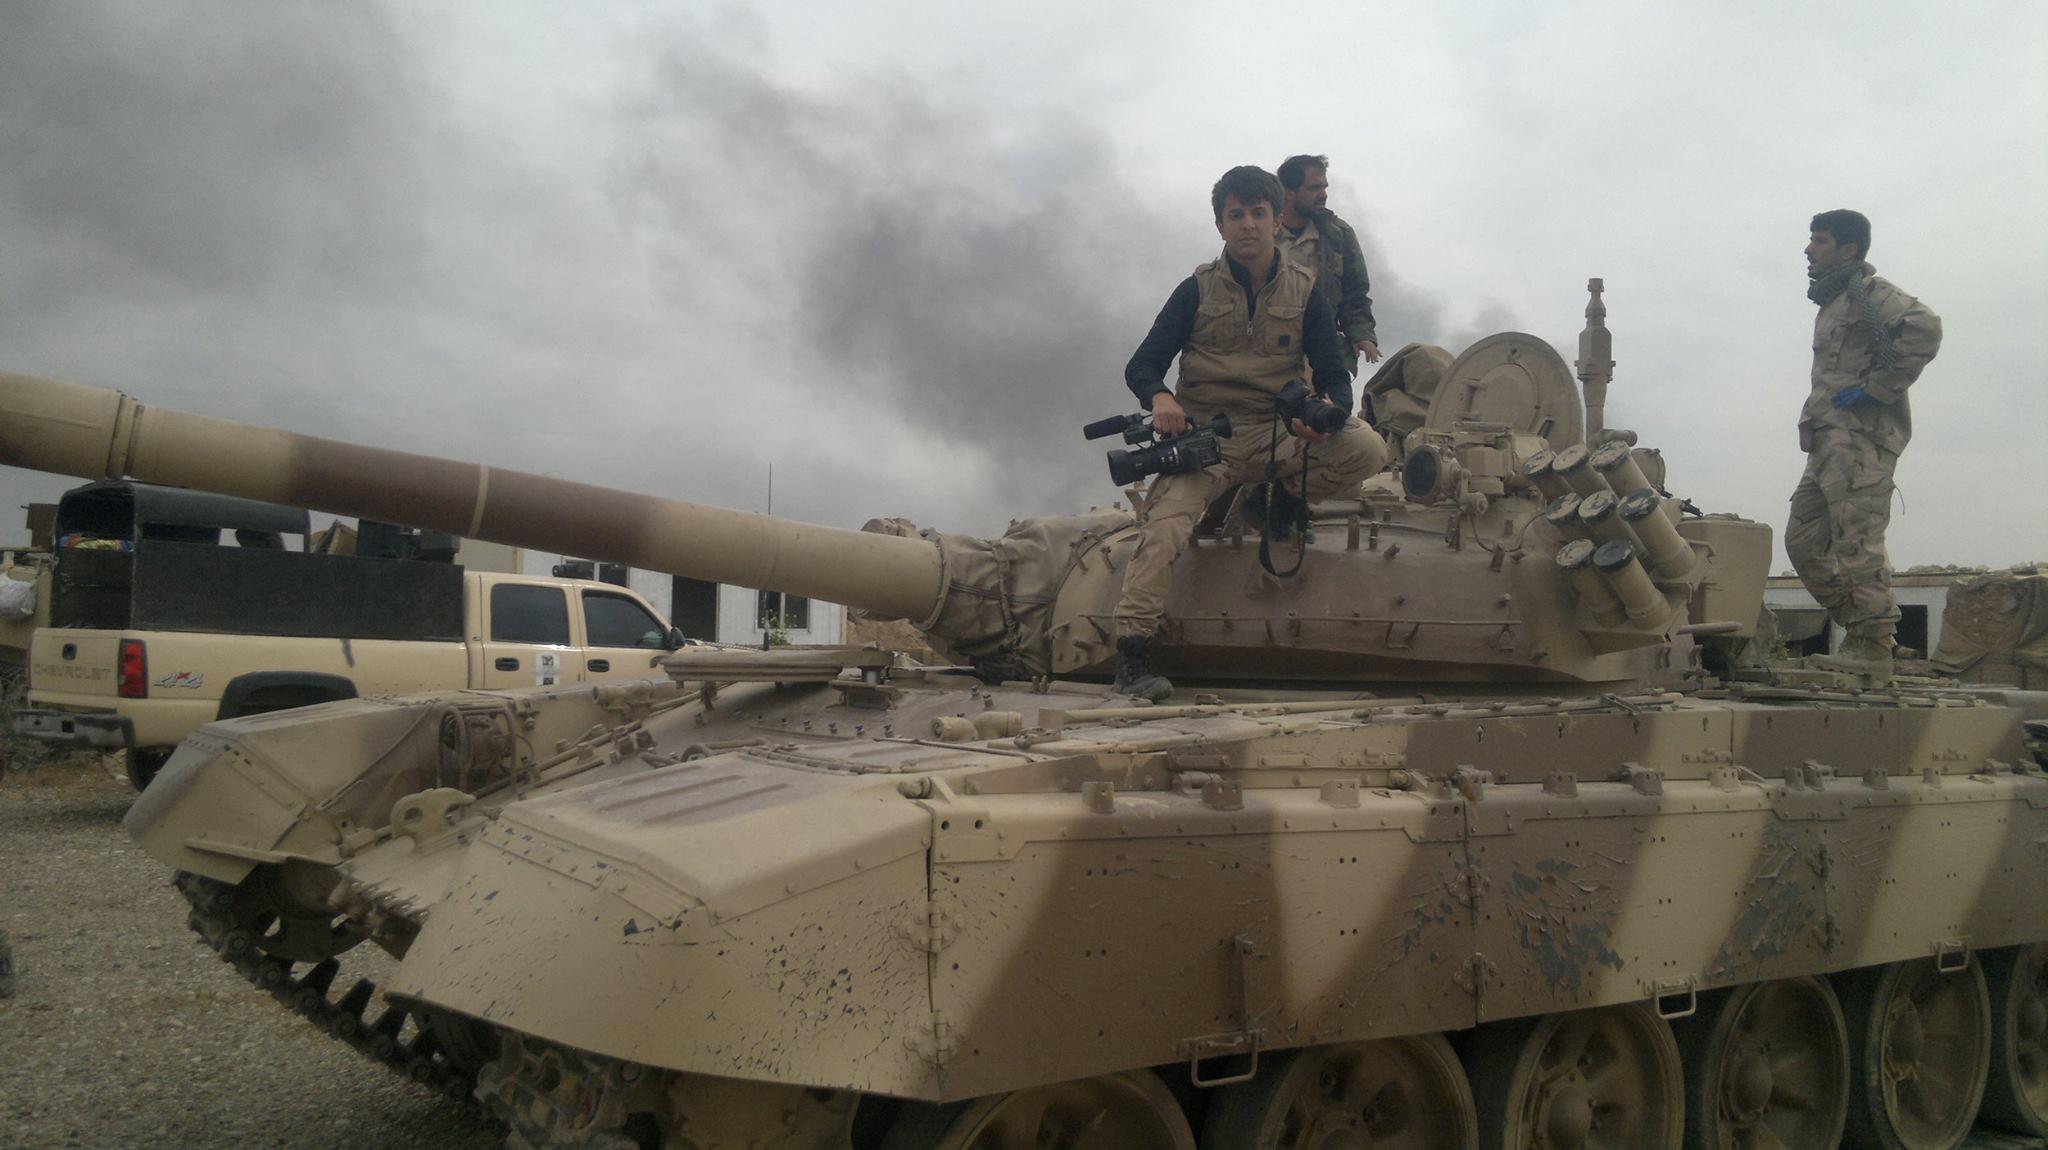 Conflcito interno en Irak - Página 3 CAPhcTIWEAAIPXW